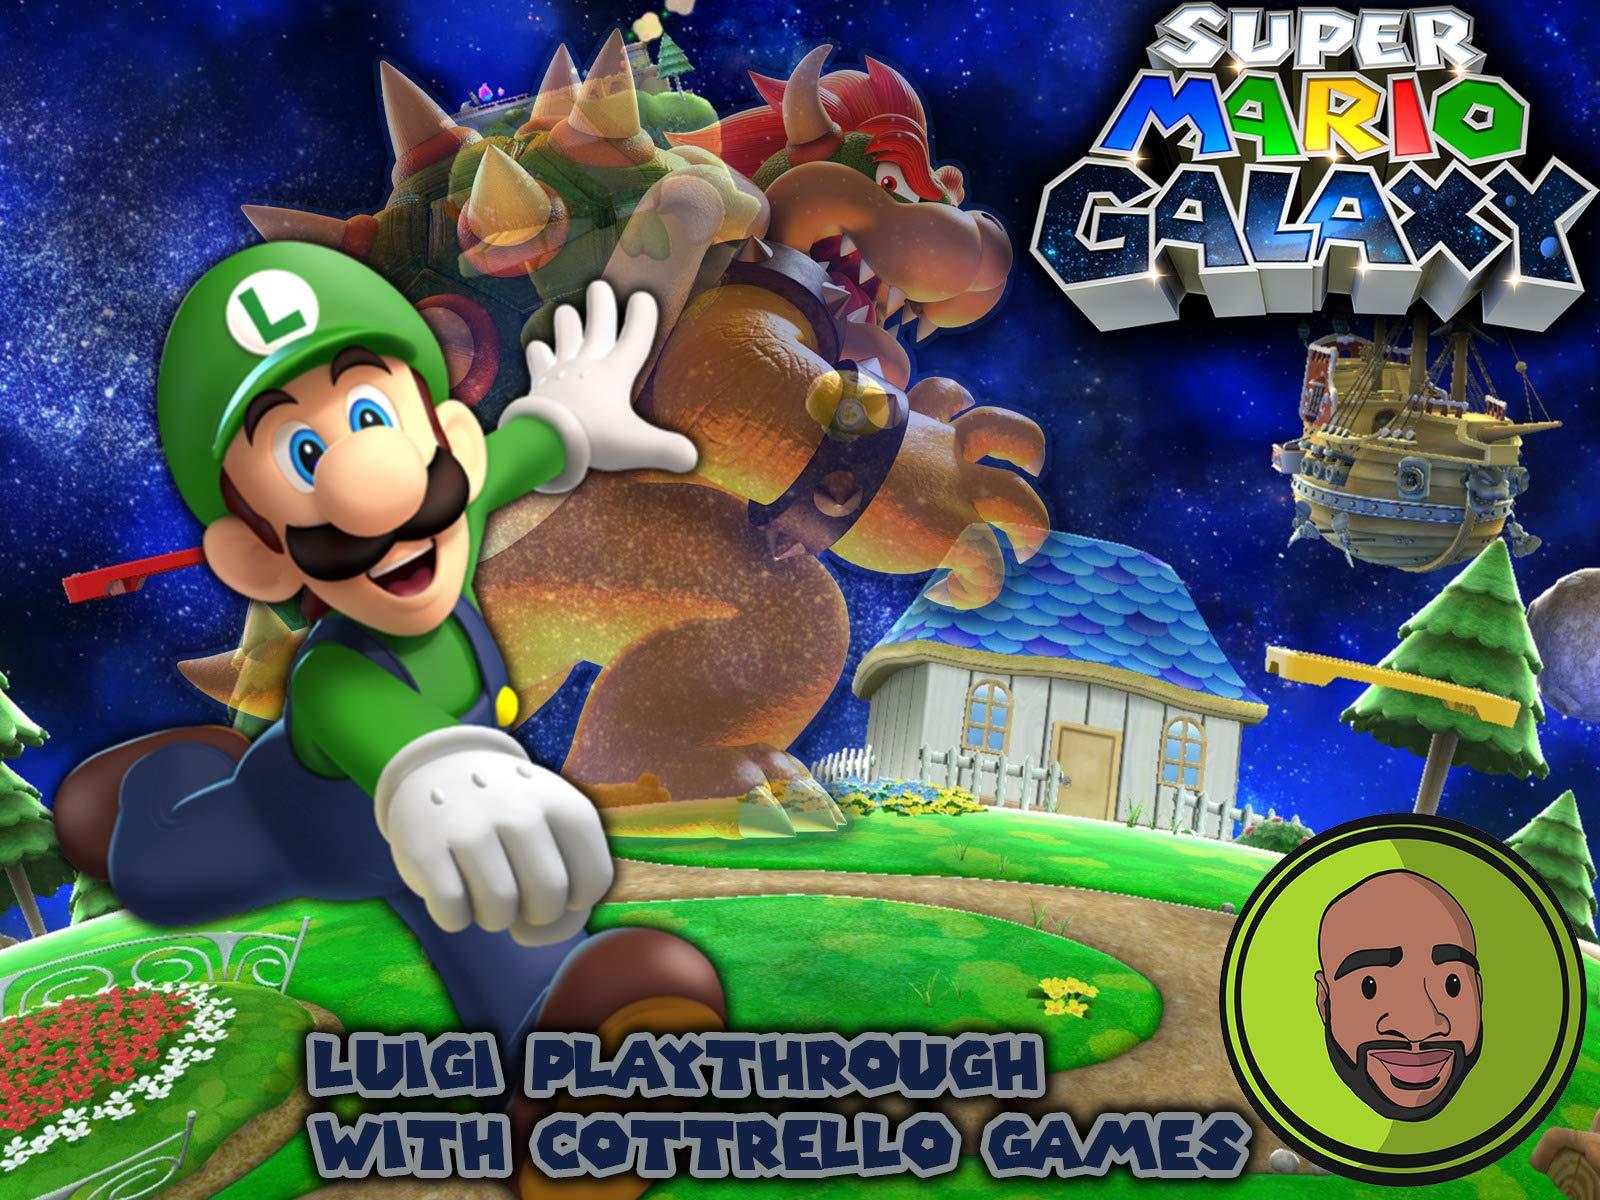 Mario Galaxy Storytime Roblox Id Watch Super Mario Galaxy Luigi Playthrough With Cottrello Games Prime Video